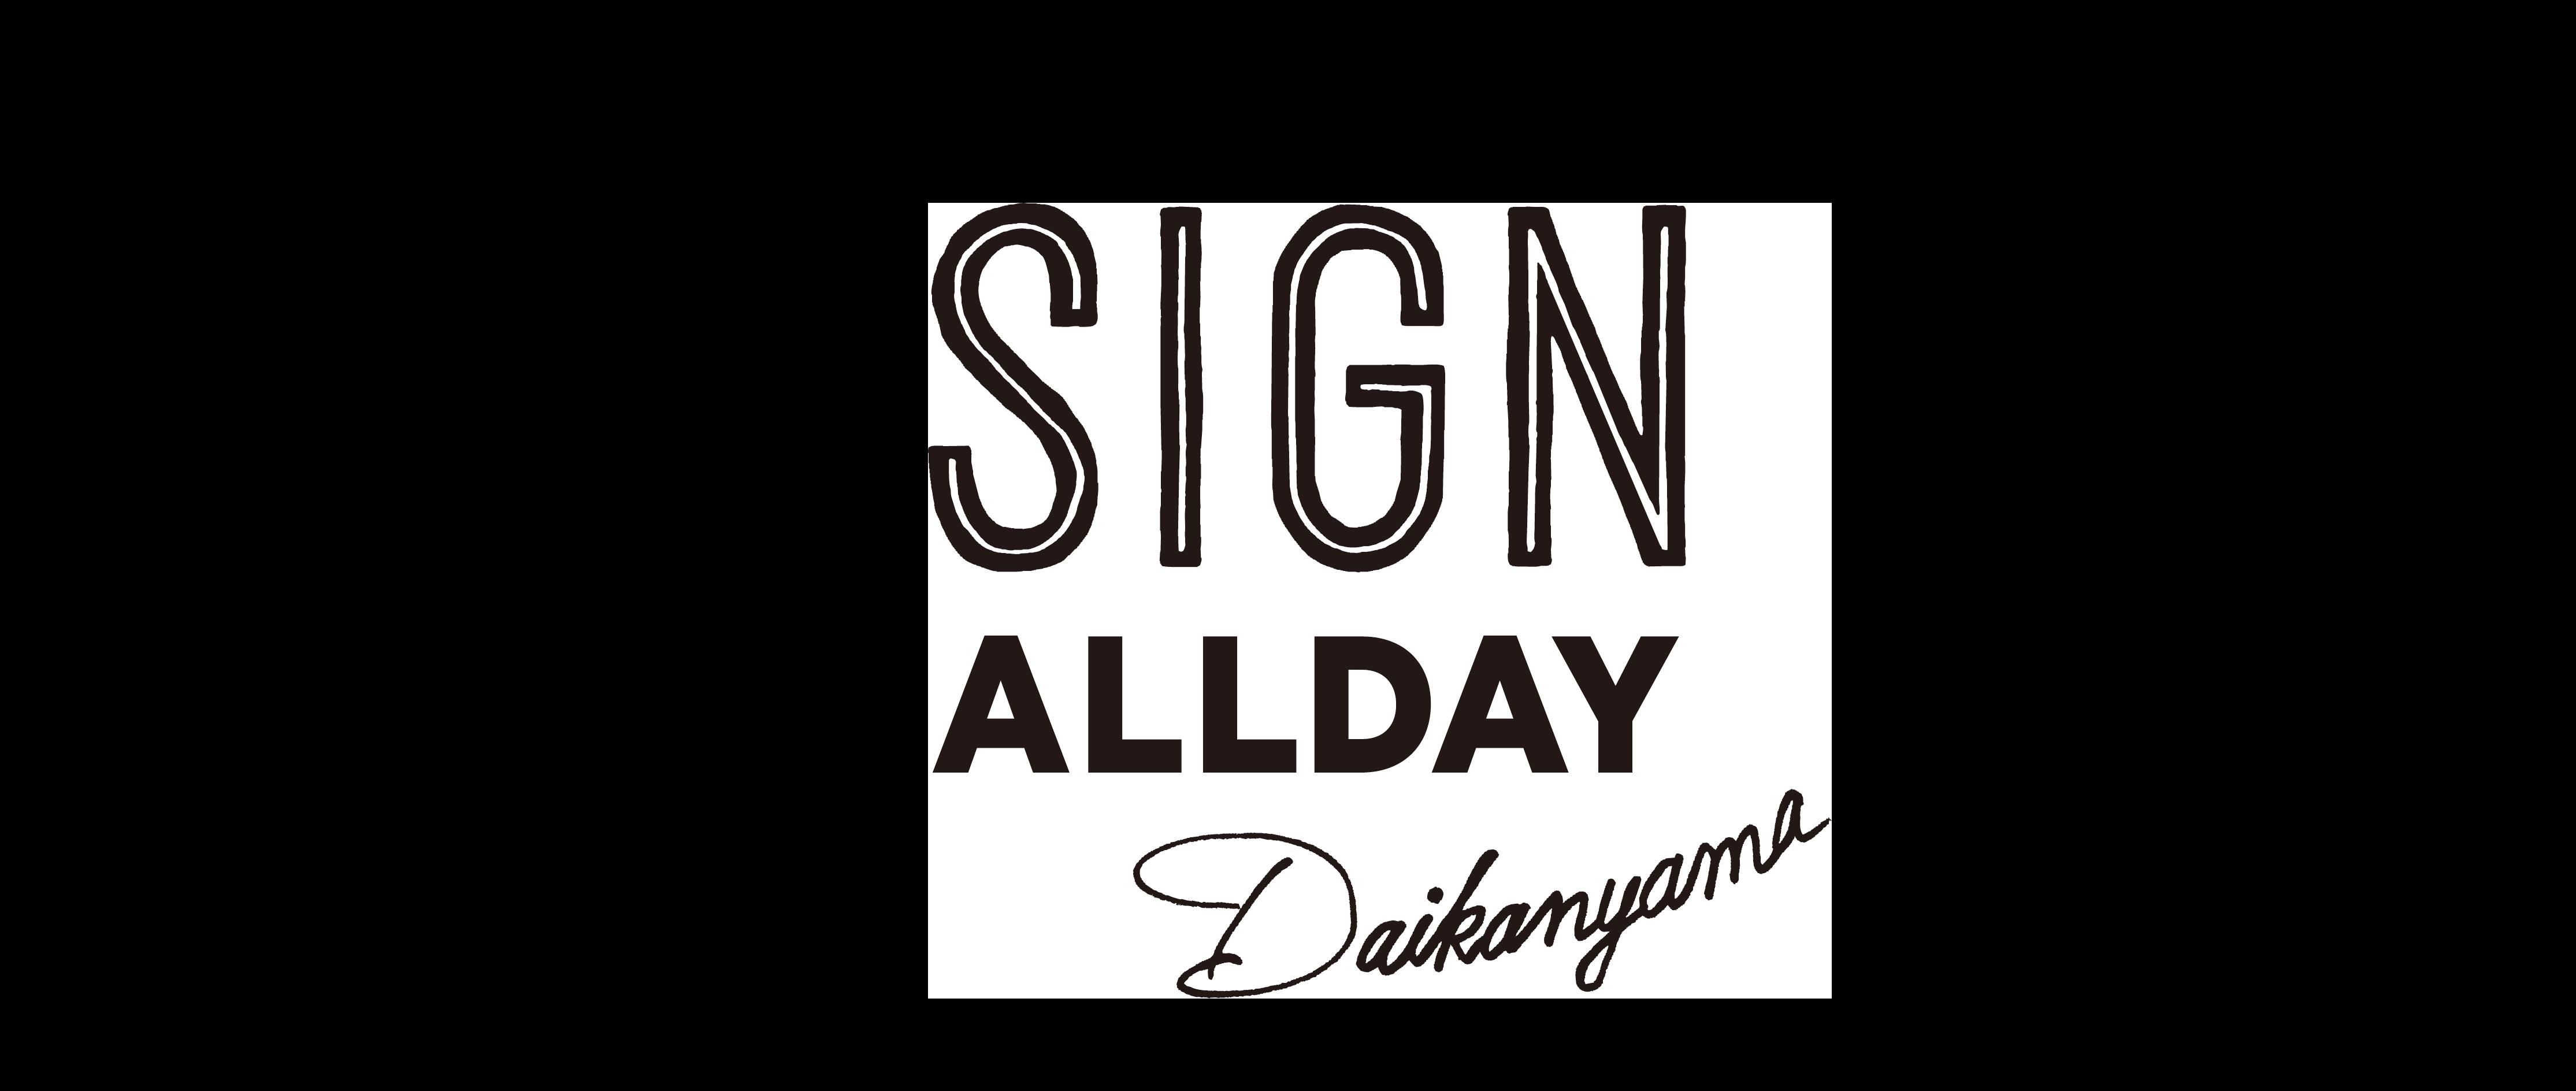 SIGN ALLDAY